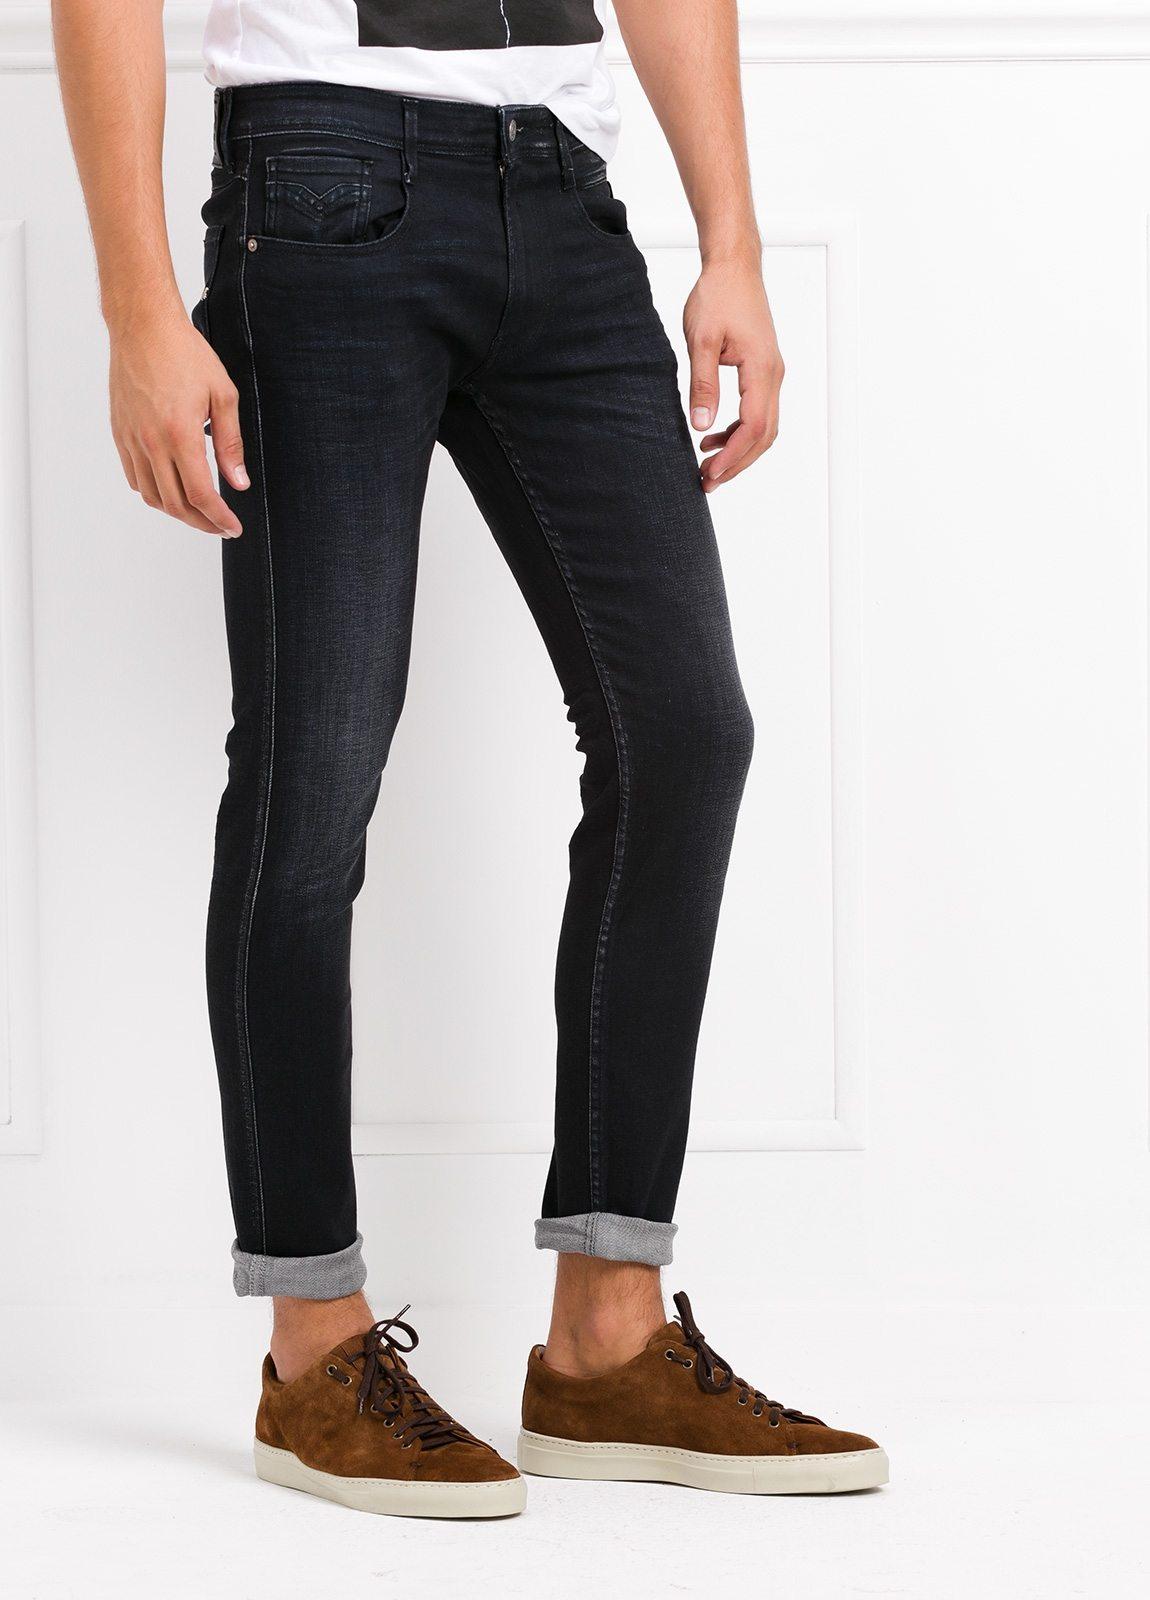 Pantalón tejano 12,5 oz SLIM 914J ANBASS color negro encerado. 90% Algodón 6% Pol. 4% Elastano. - Ítem2